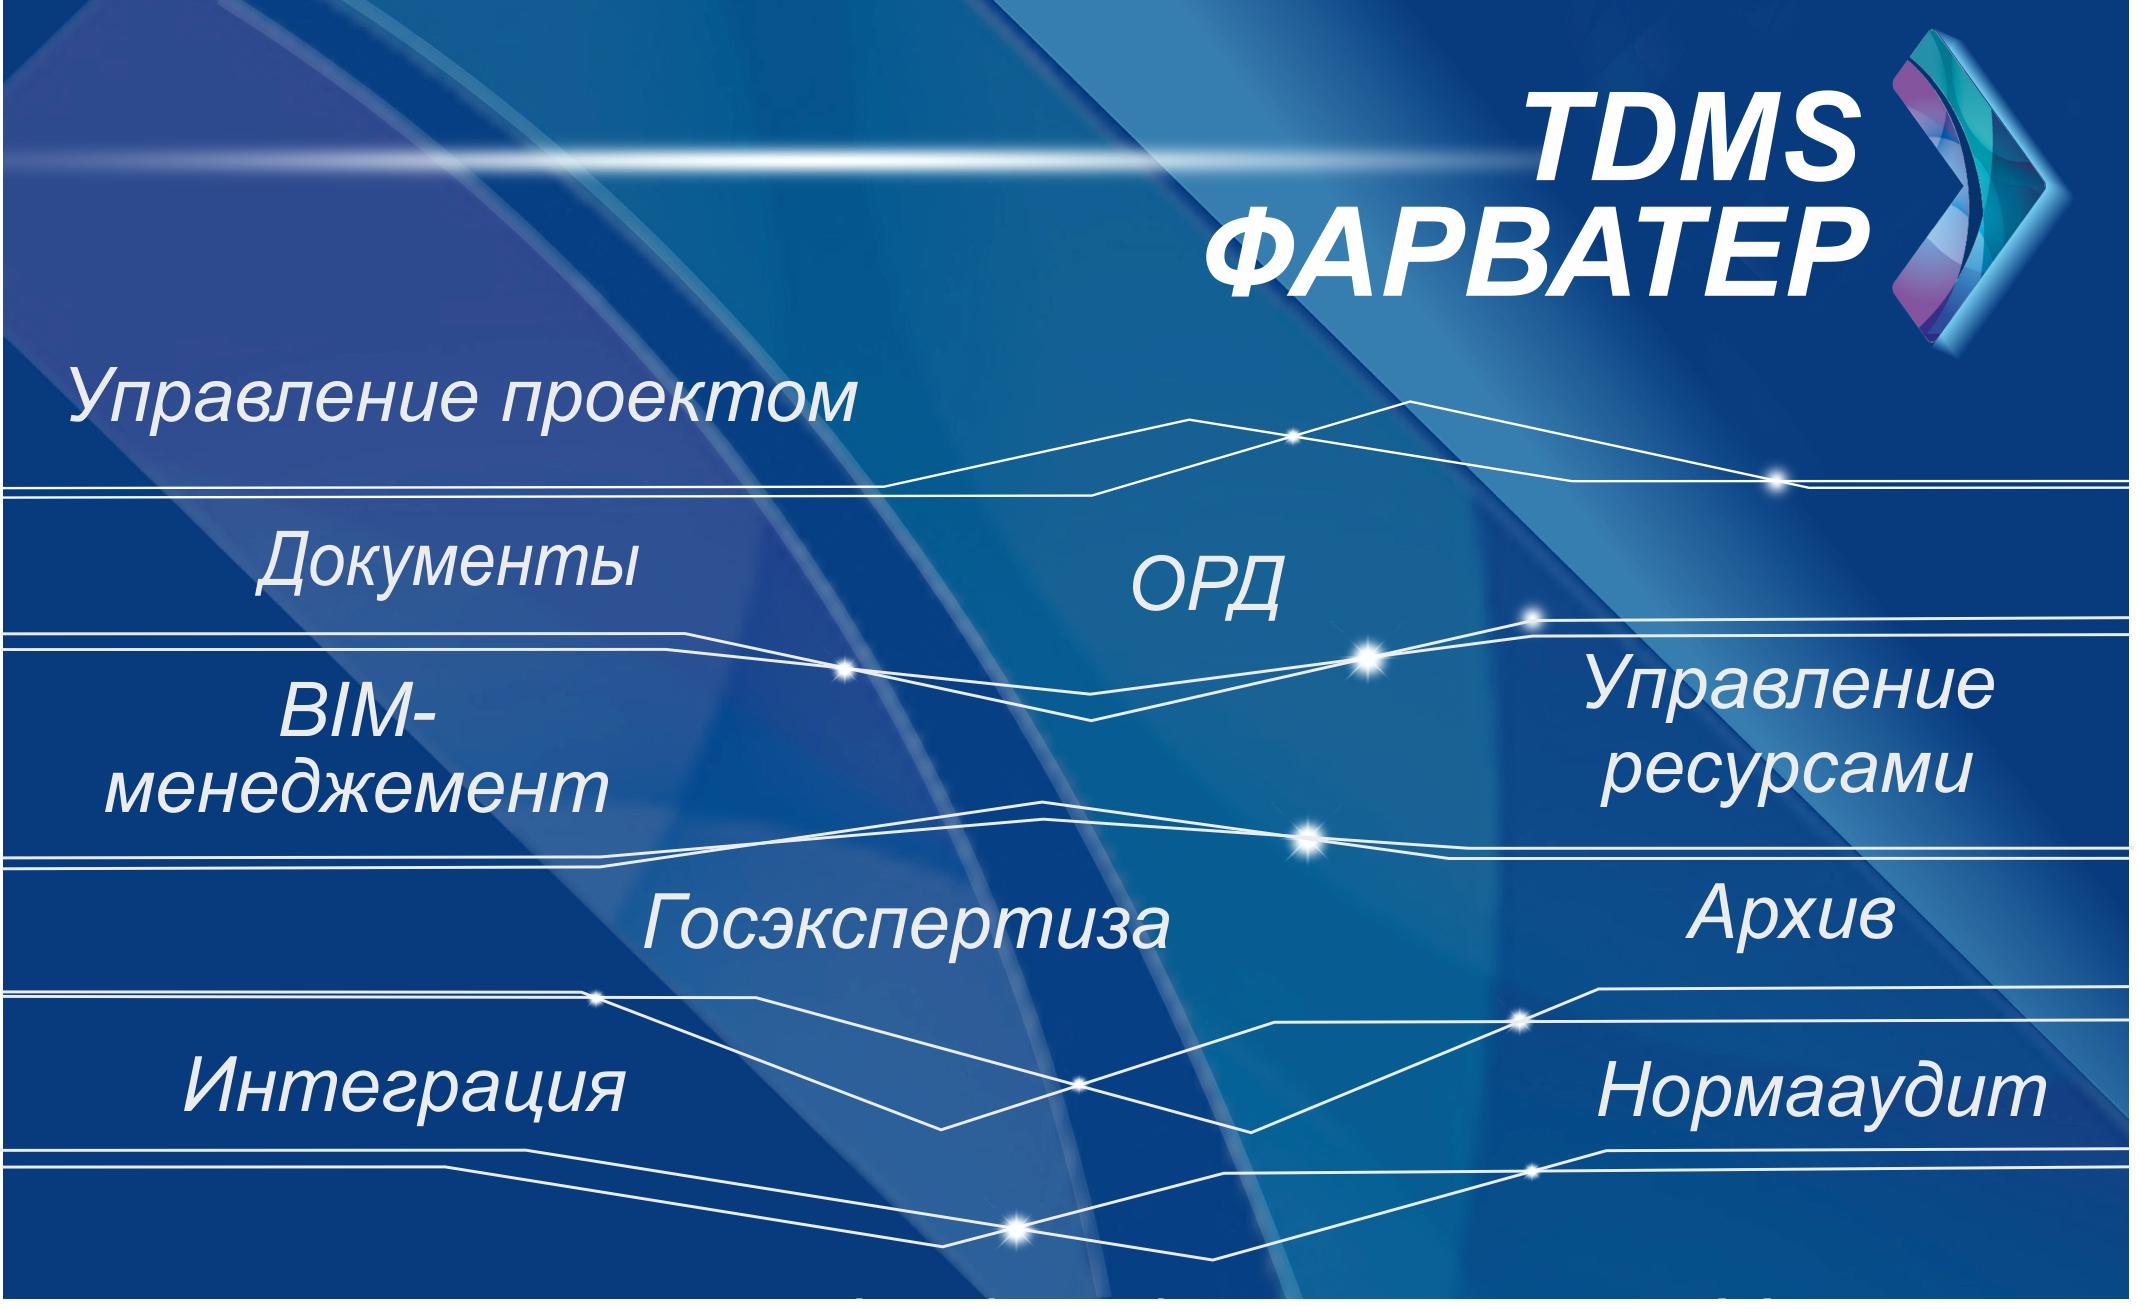 Серия вебинаров по системе технического документооборота TDMS Фарватер